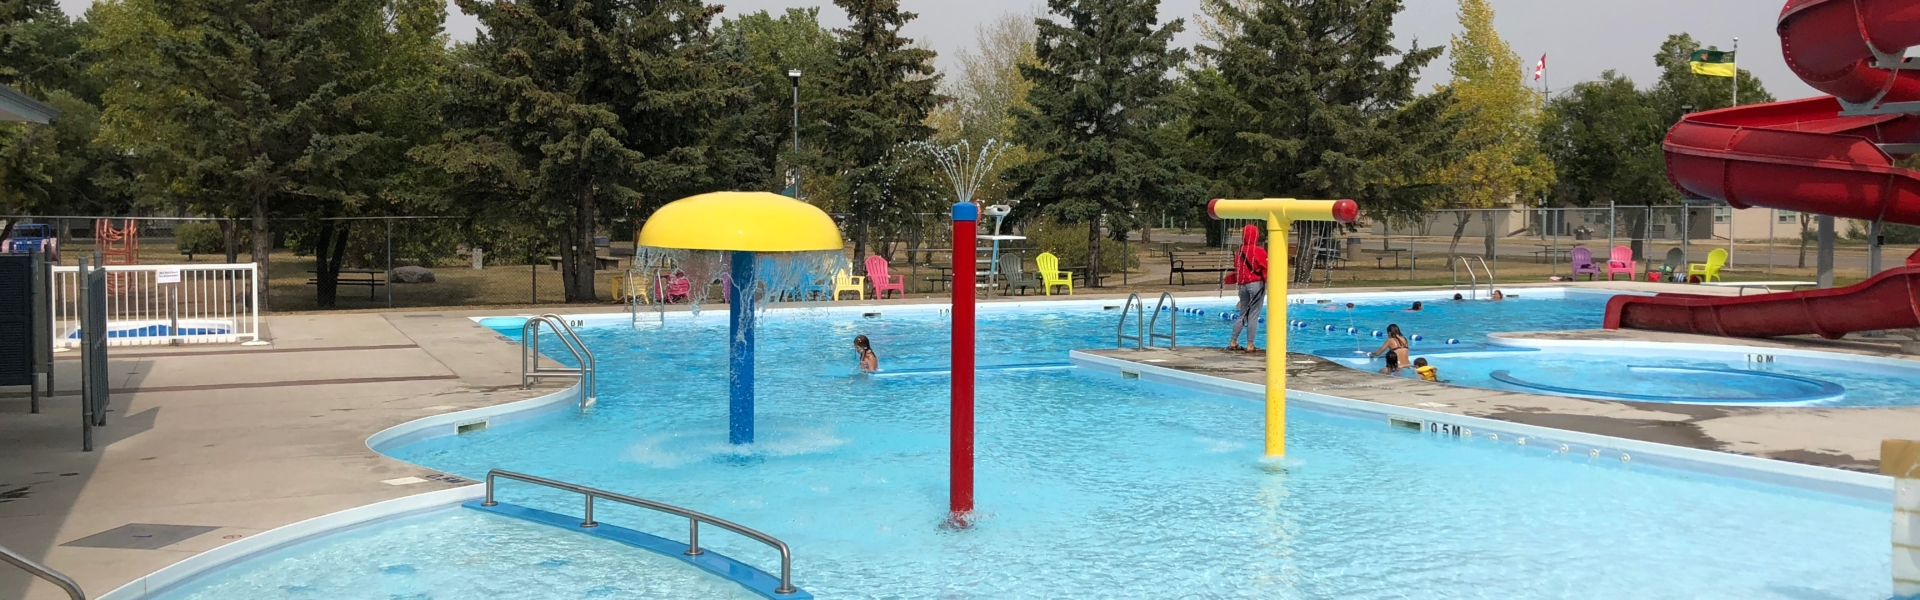 Pool-Main